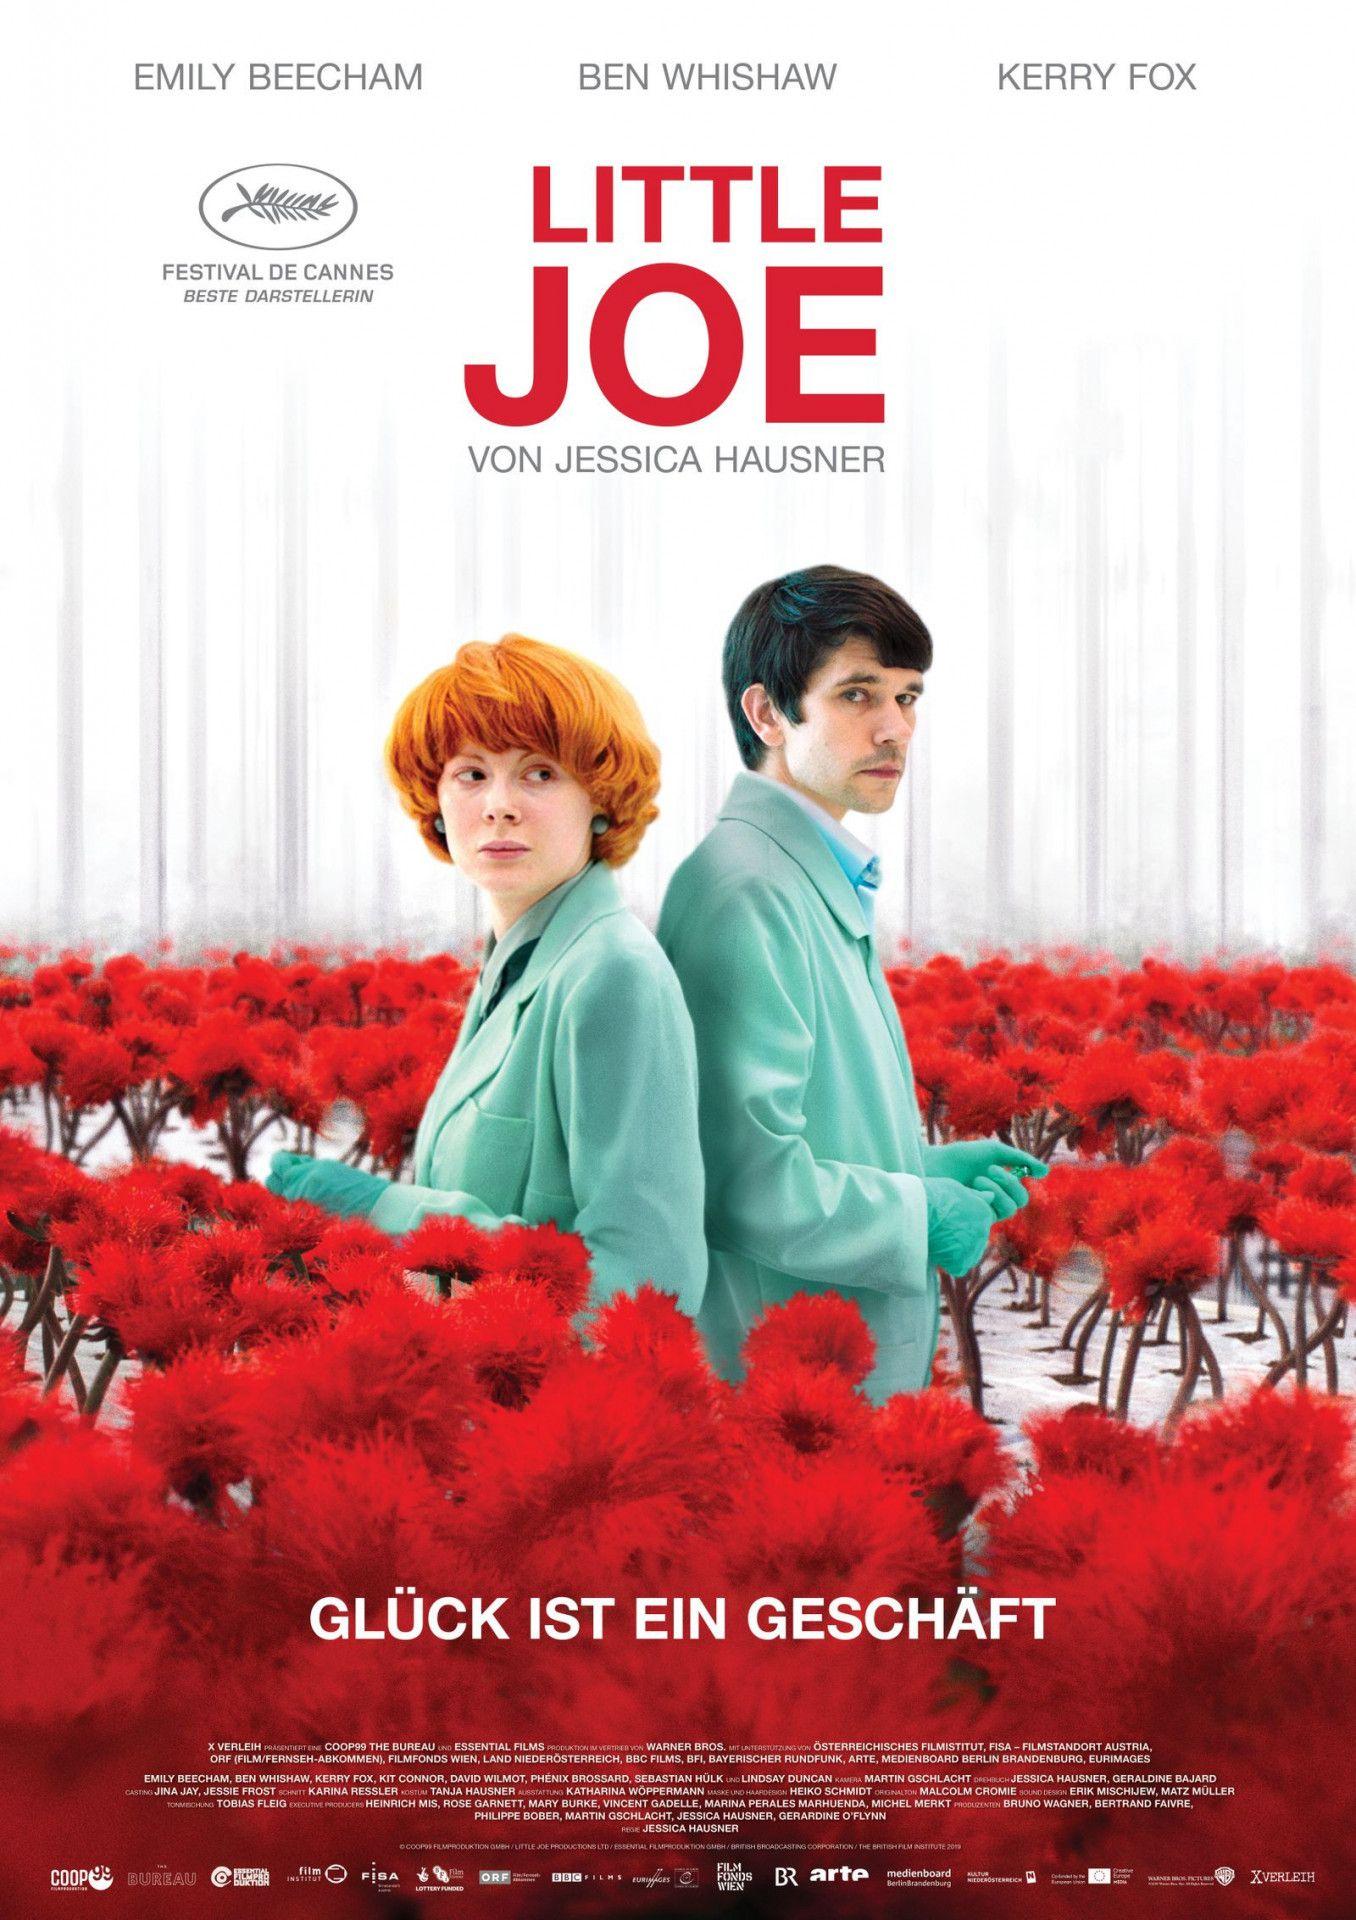 """Das Rot der Pflanzen sollte eigentlich eine Warnung sein. Doch in """"Little Joe - Glück ist ein Geschäft"""" tüfteln zwei Wissenschaftler trotzdem weiter an einer Blume, die die Menschen verrückt macht."""